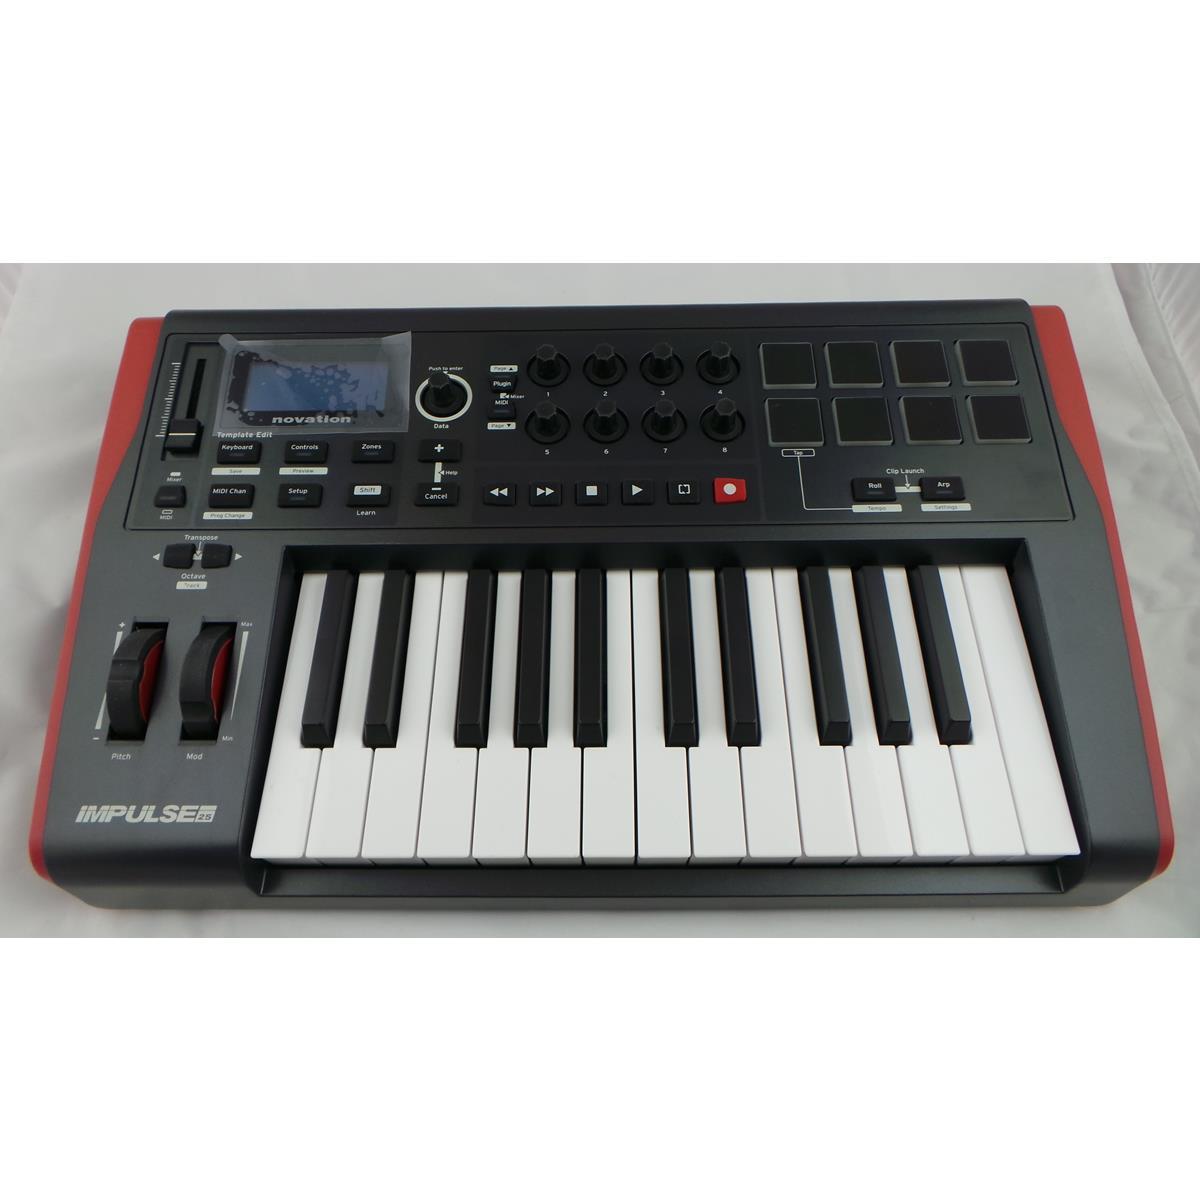 NOVATION IMPULSE 25 TASTIERA MIDI USB ..